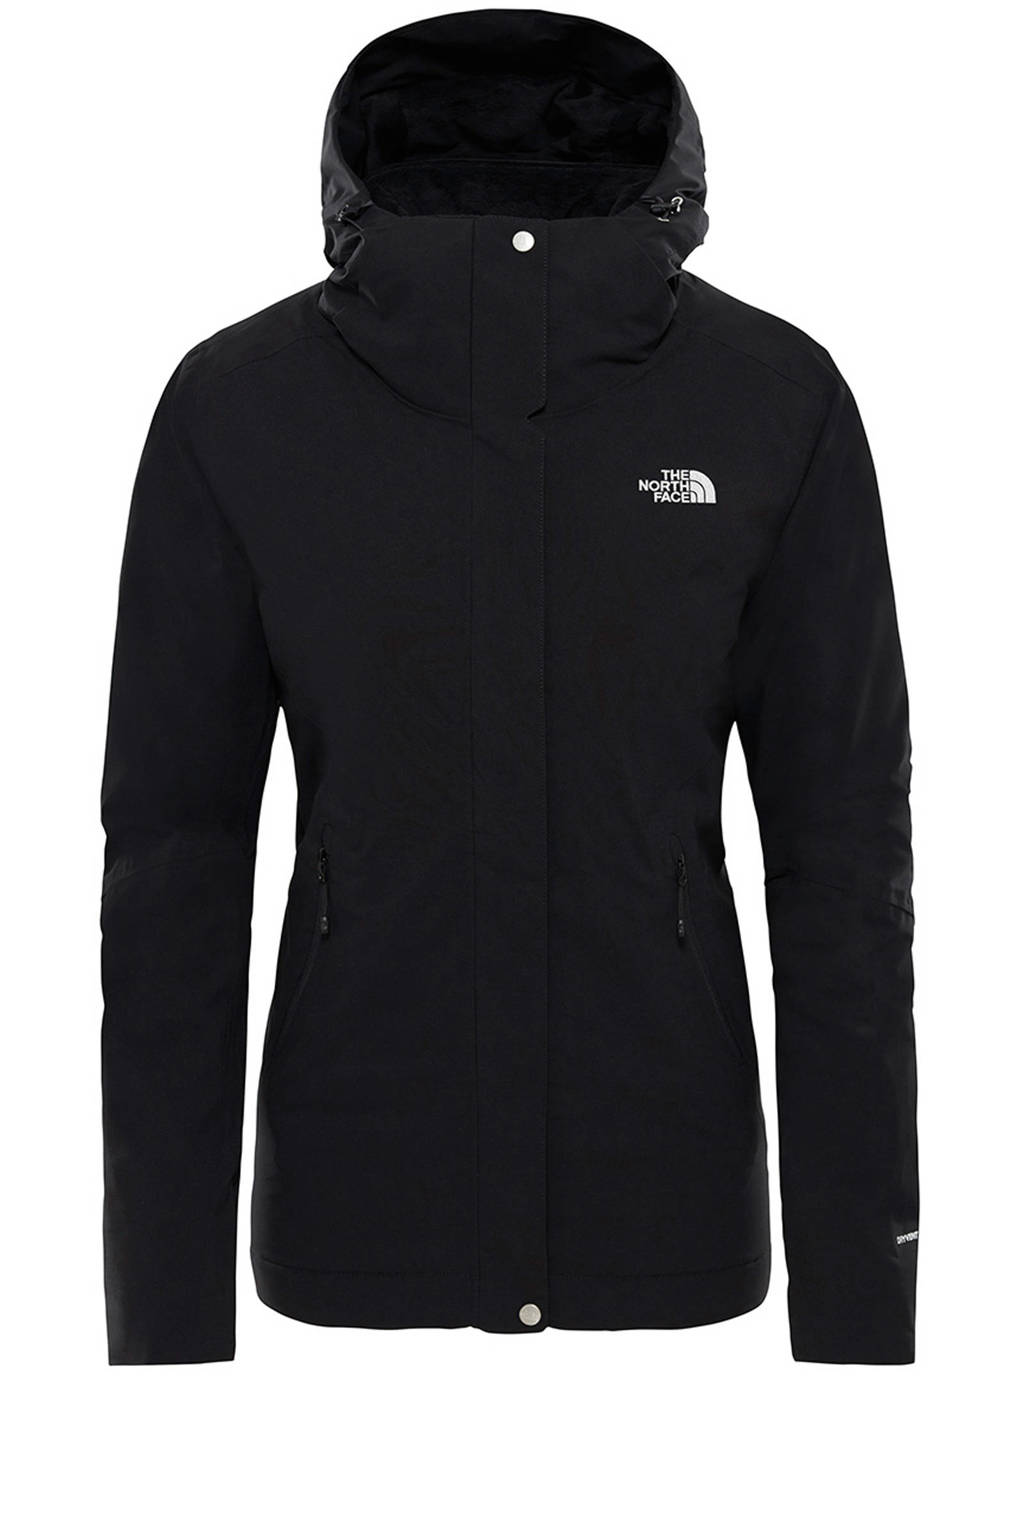 4e5dbb65e04 The North Face outdoor jas Inlux Insulated zwart | wehkamp